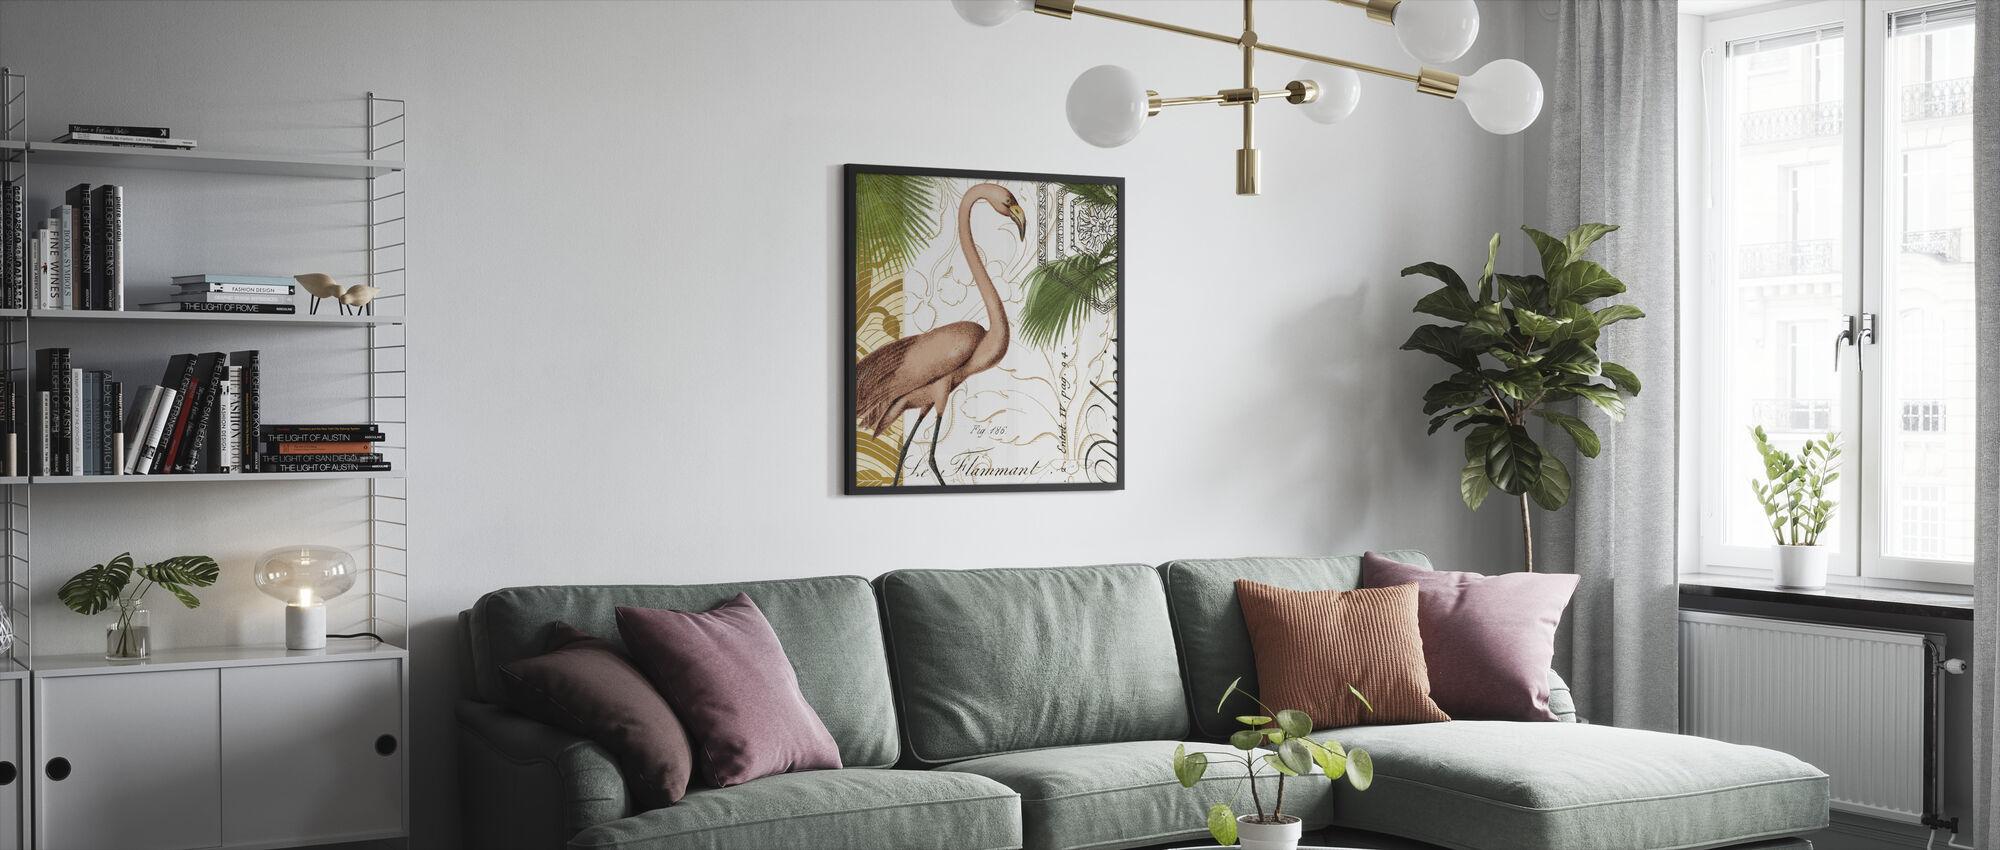 Flamingo Curiosity - Framed print - Living Room